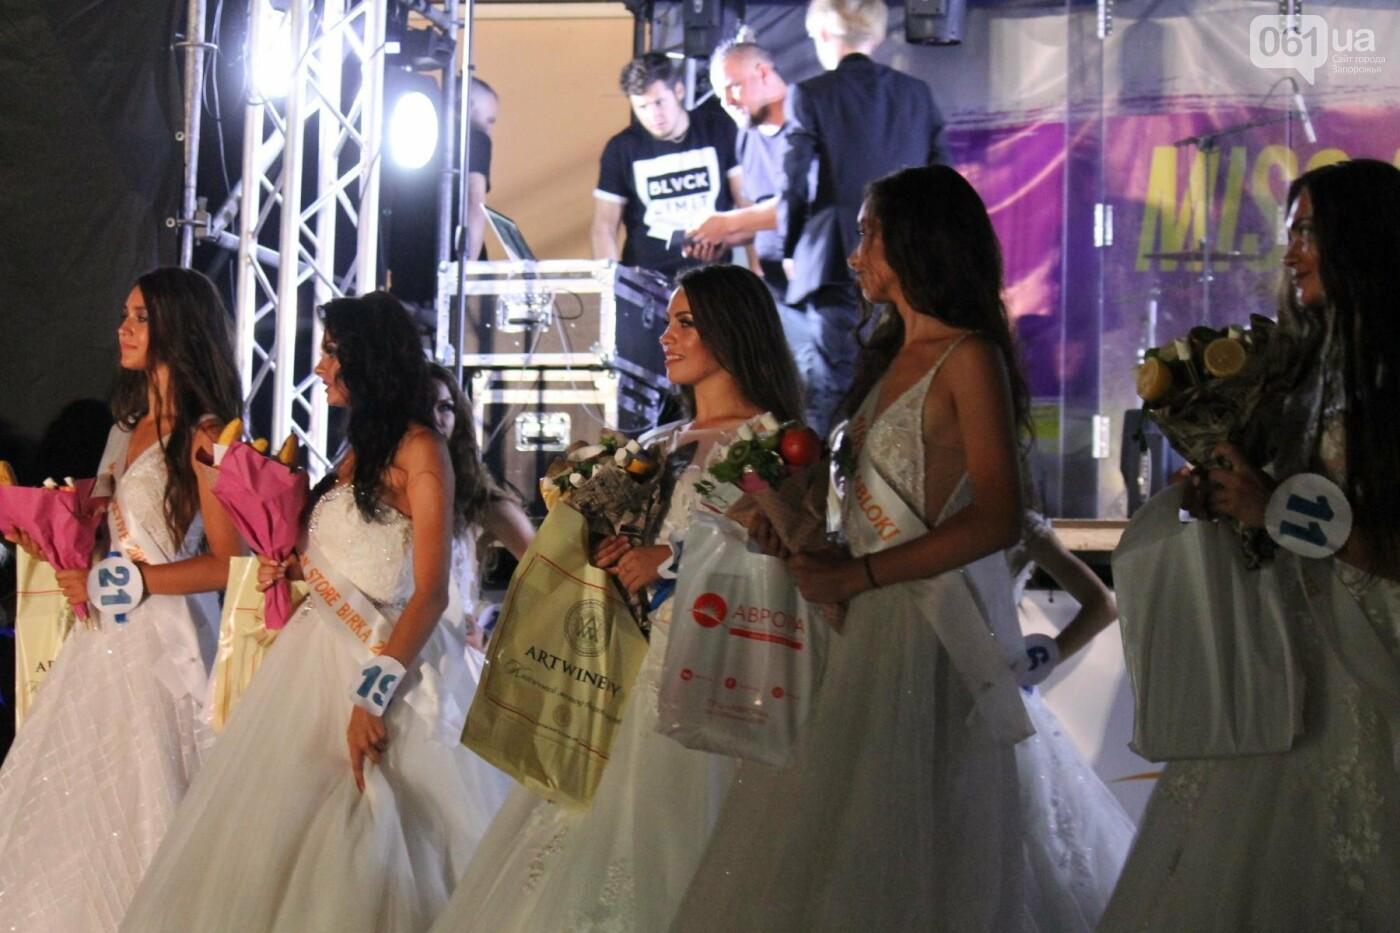 «Miss AVRORA Summer 2018»: в Запорожье на конкурсе красоты выбрали самую красивую девушку, – ФОТОРЕПОРТАЖ, фото-34